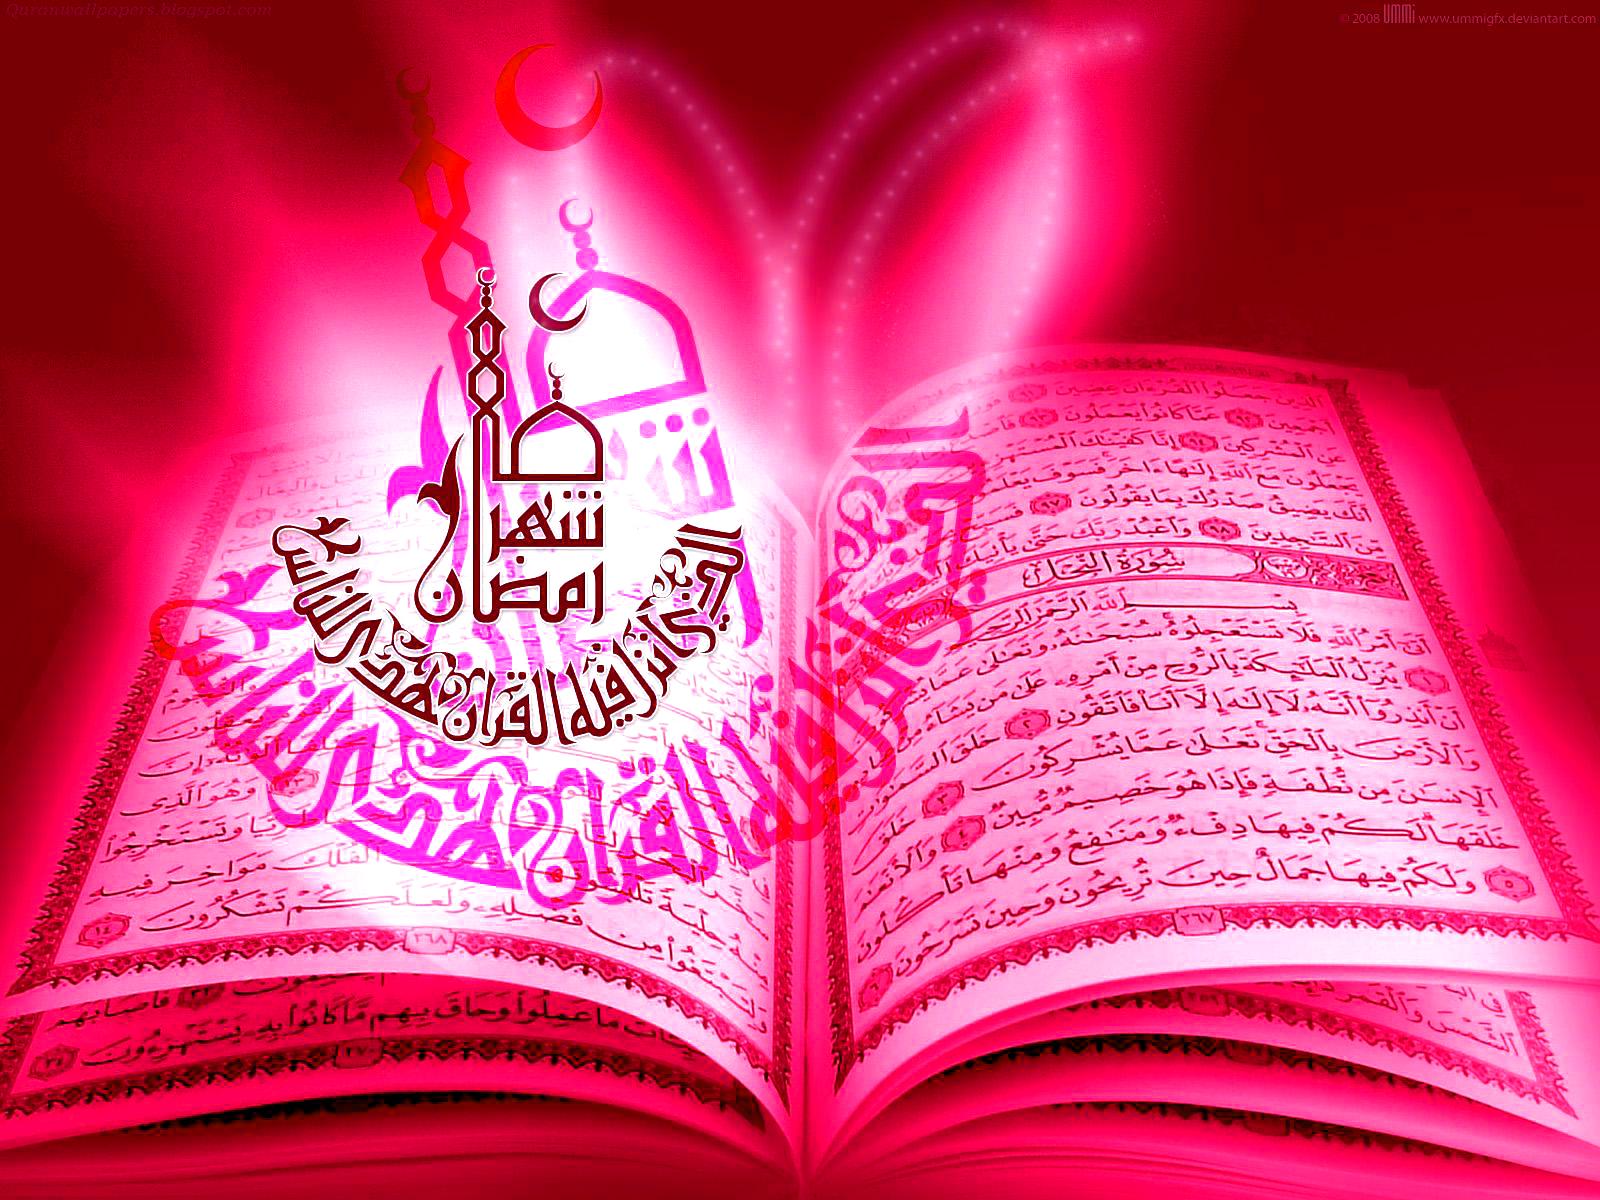 بالصور رمزيات اسلاميه , اجمل الصور والخلفيات الاسلامية 3050 1